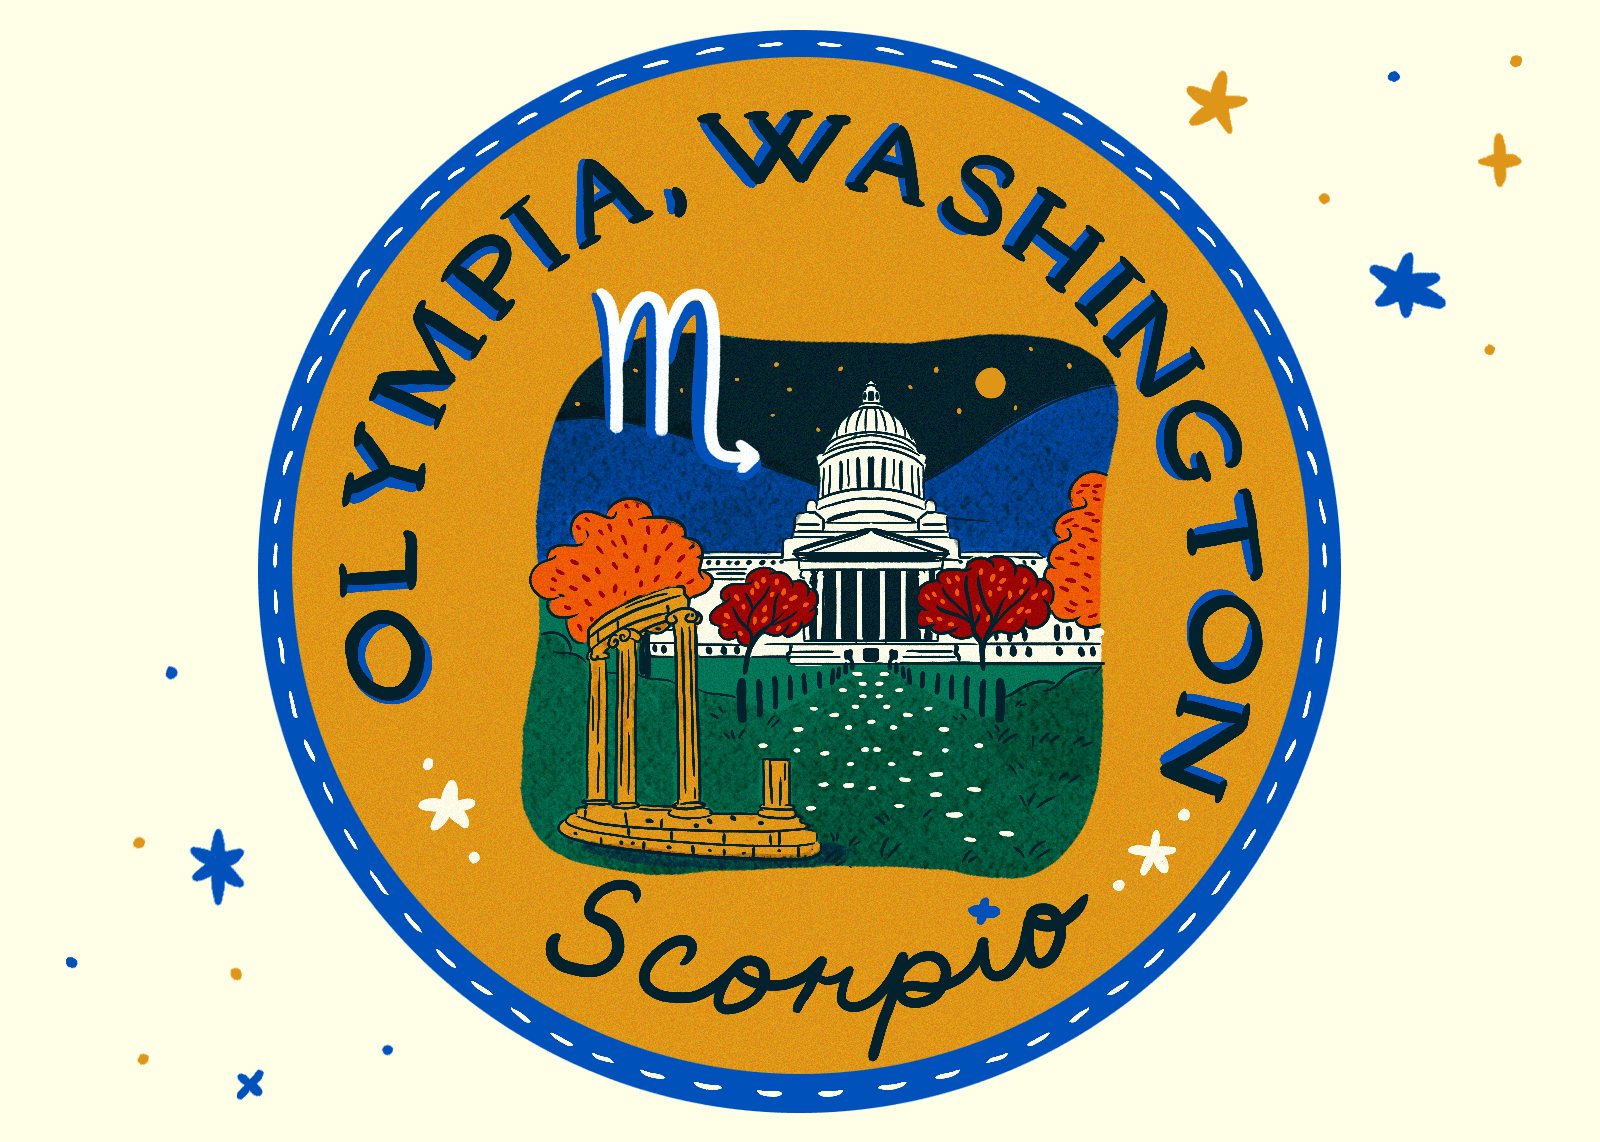 Illustration of Olympia, Washington